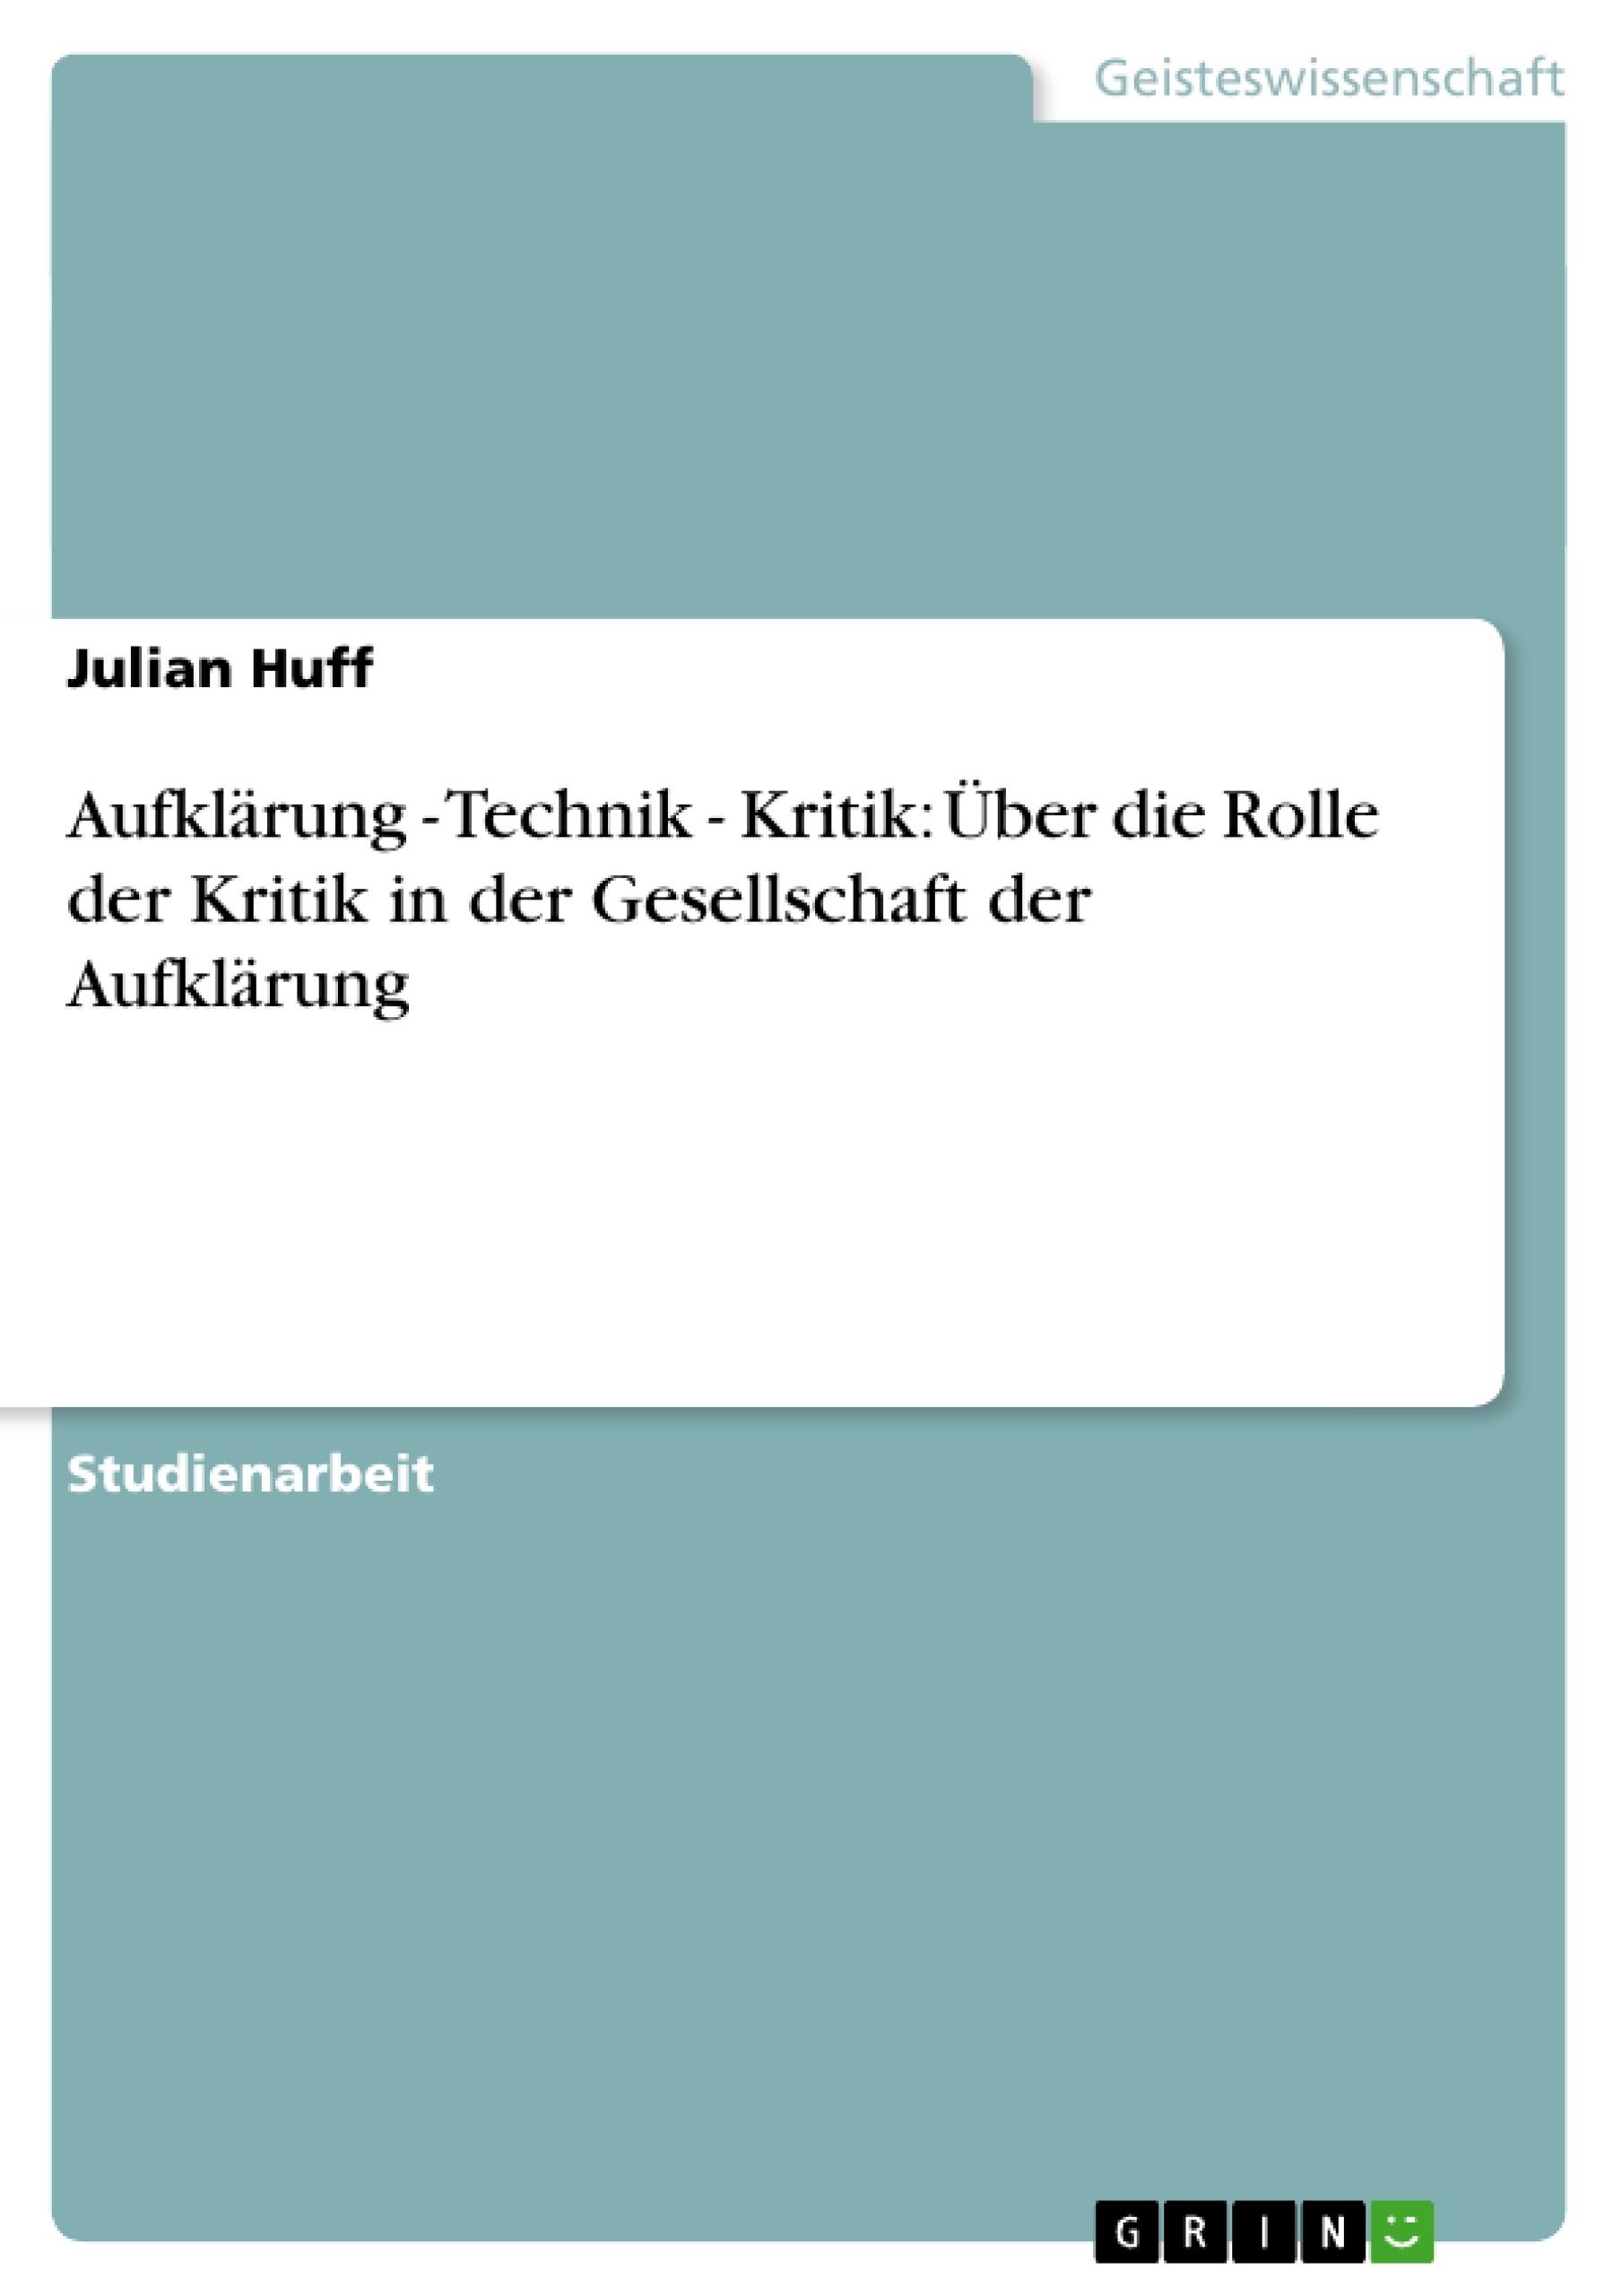 Titel: Aufklärung - Technik - Kritik: Über die Rolle der Kritik in der Gesellschaft der Aufklärung